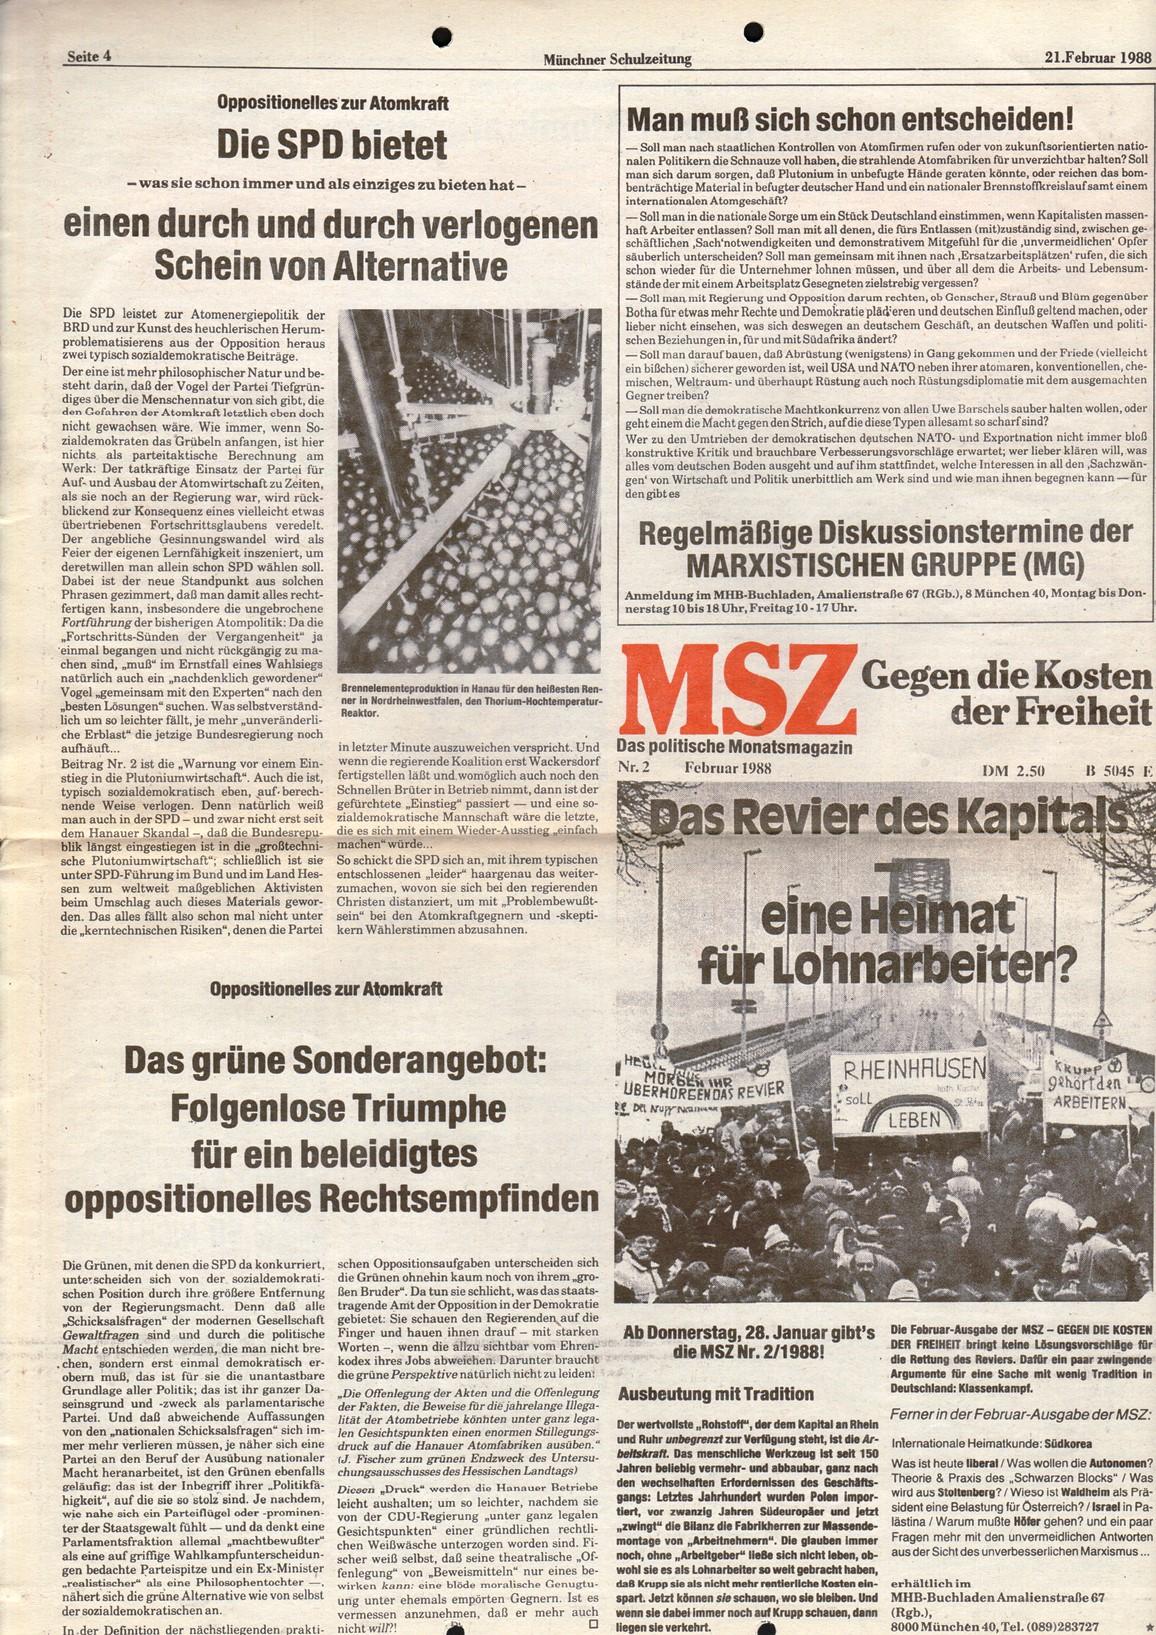 Muenchen_MG_Schulzeitung_19880221_04